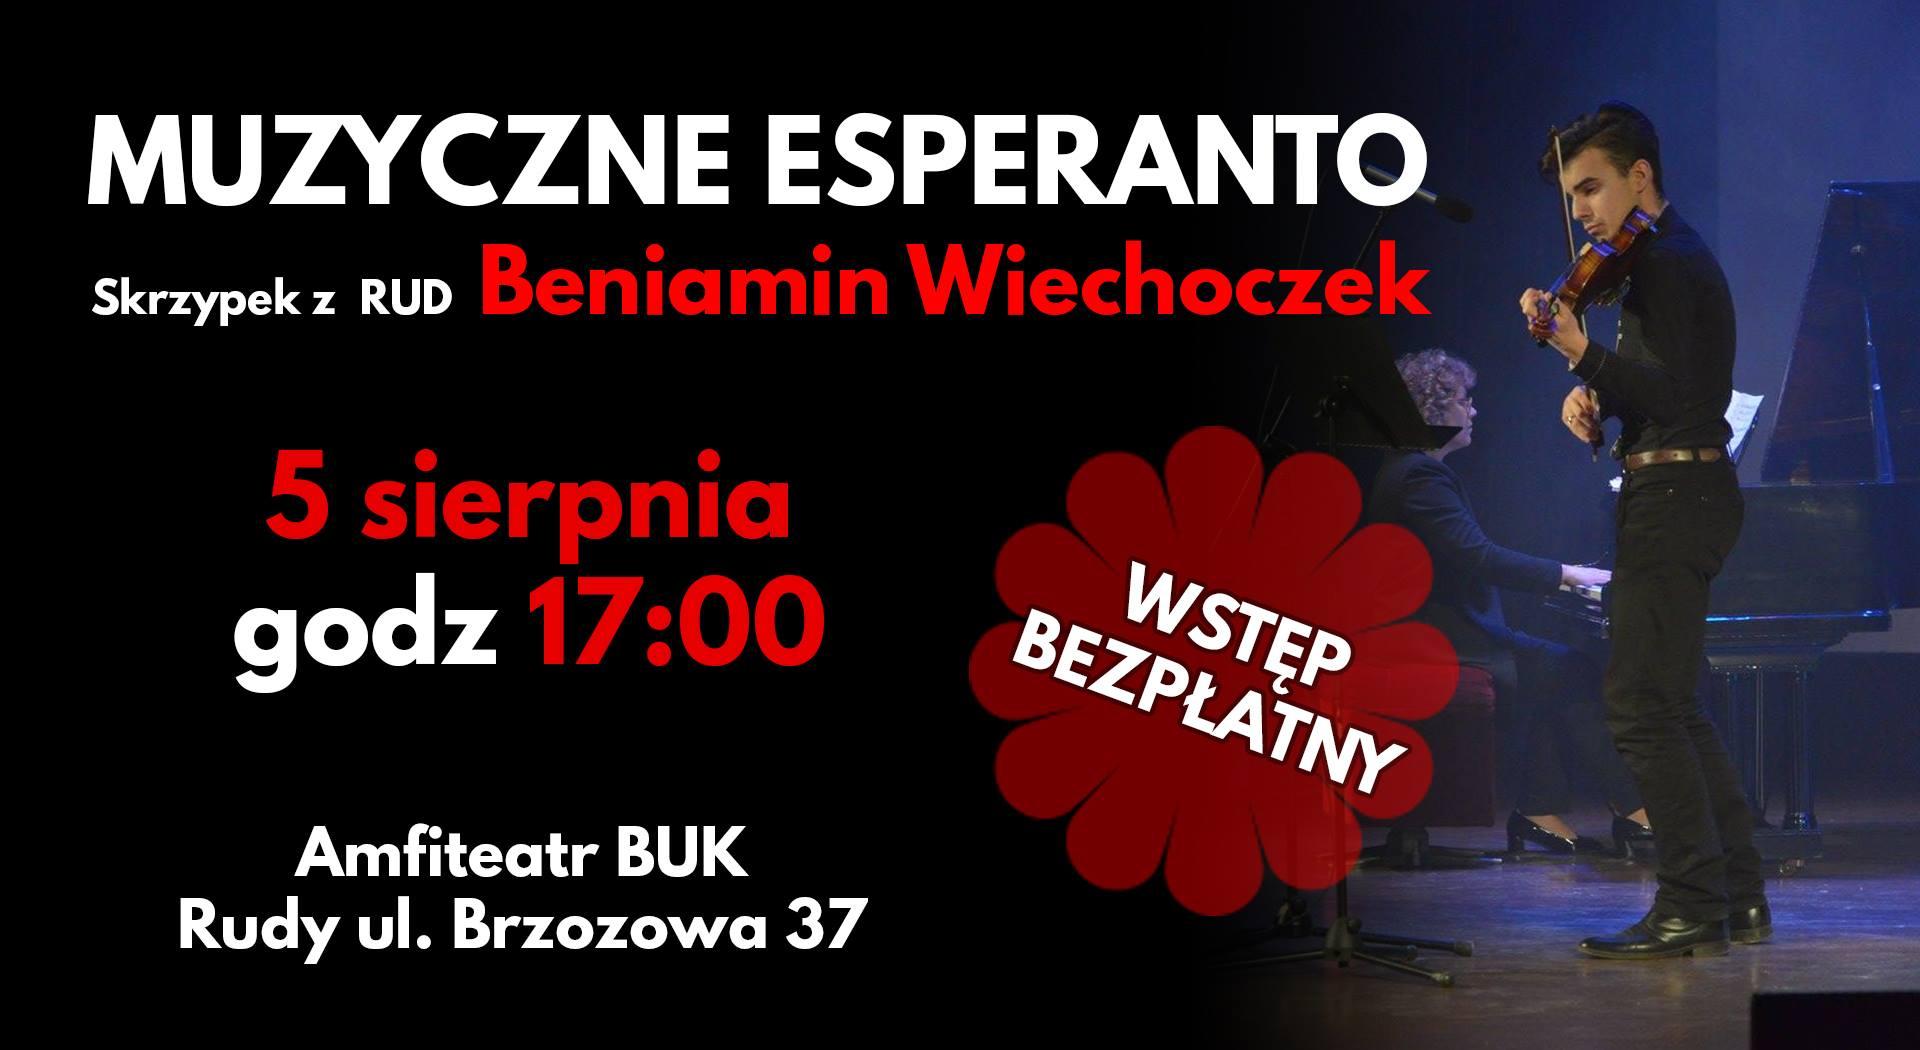 Muzyczne Esperanto - Beniamin Wiechoczek